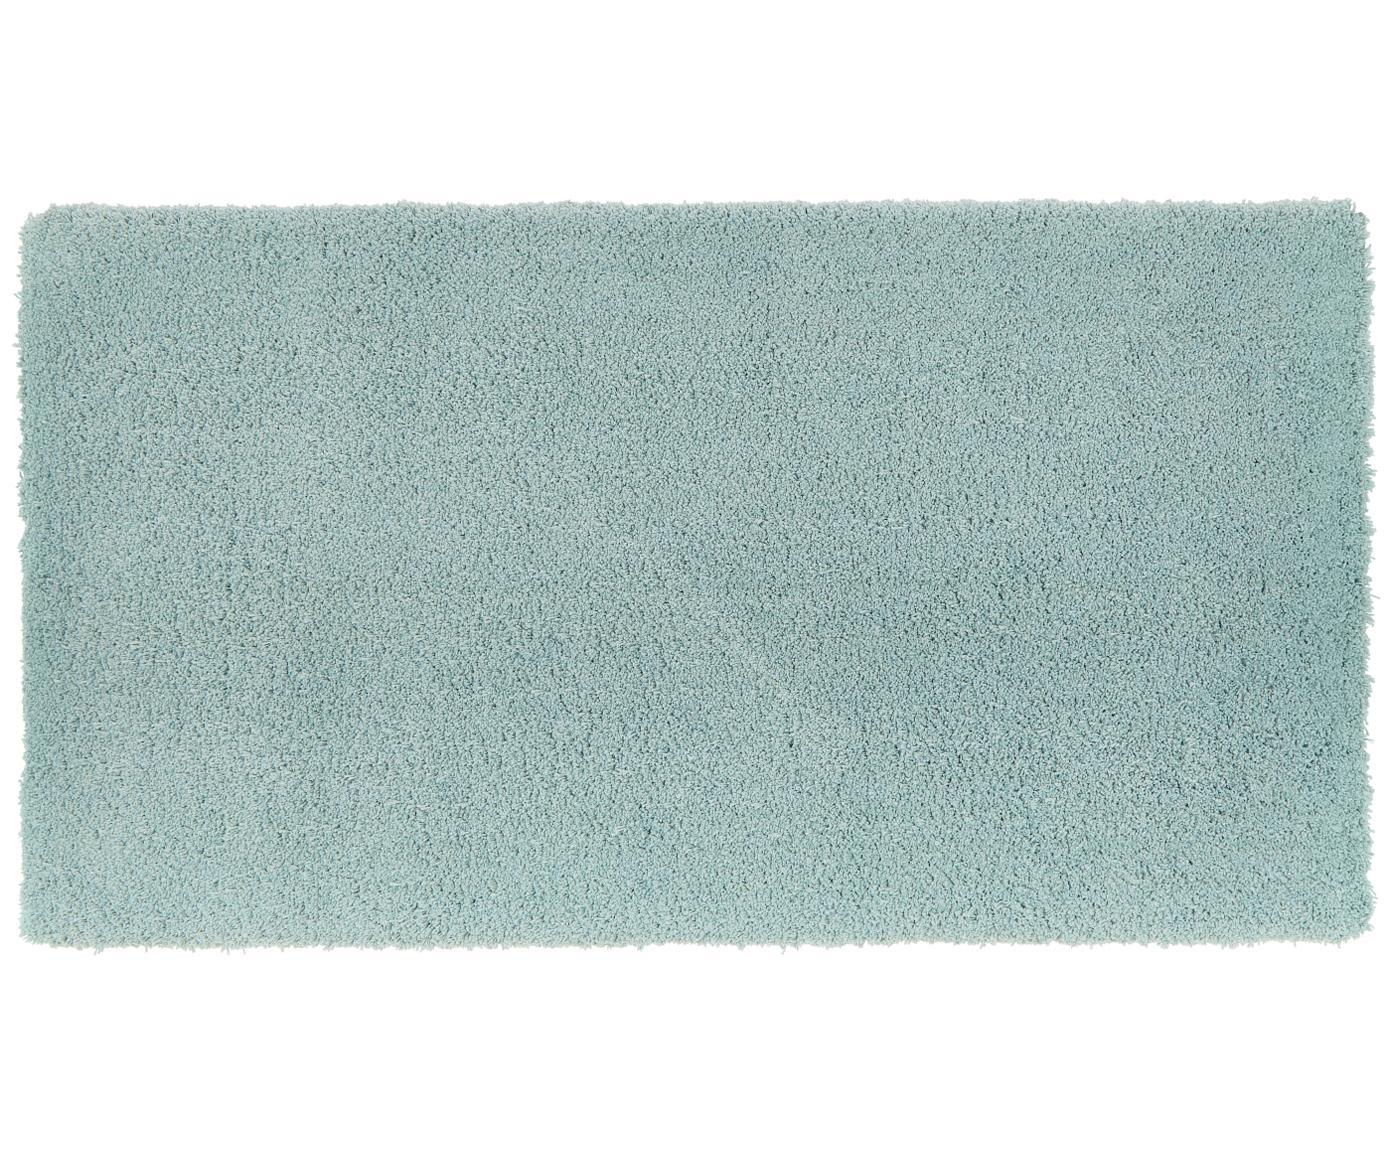 Puszysty dywan z wysokim włosiem Leighton, miętowo zielony, Zielony miętowy, S 80 x D 150 cm (Rozmiar XS)